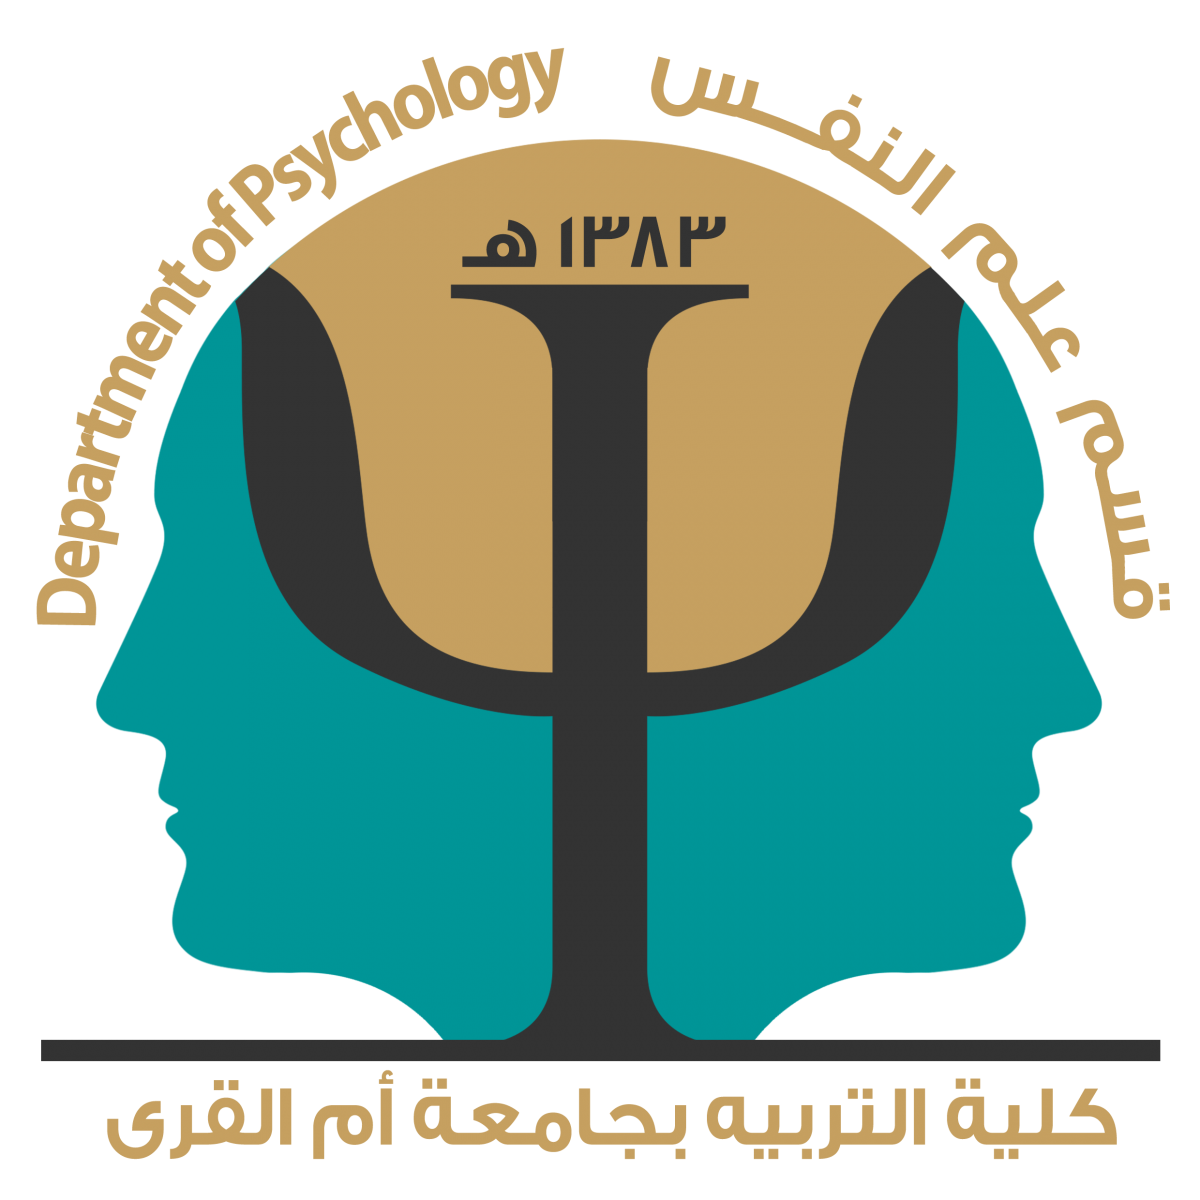 النماذج والمستندات المطلوبة لطلبة الدراسات العليا علم النفس كلية التربية جامعة أم القرى